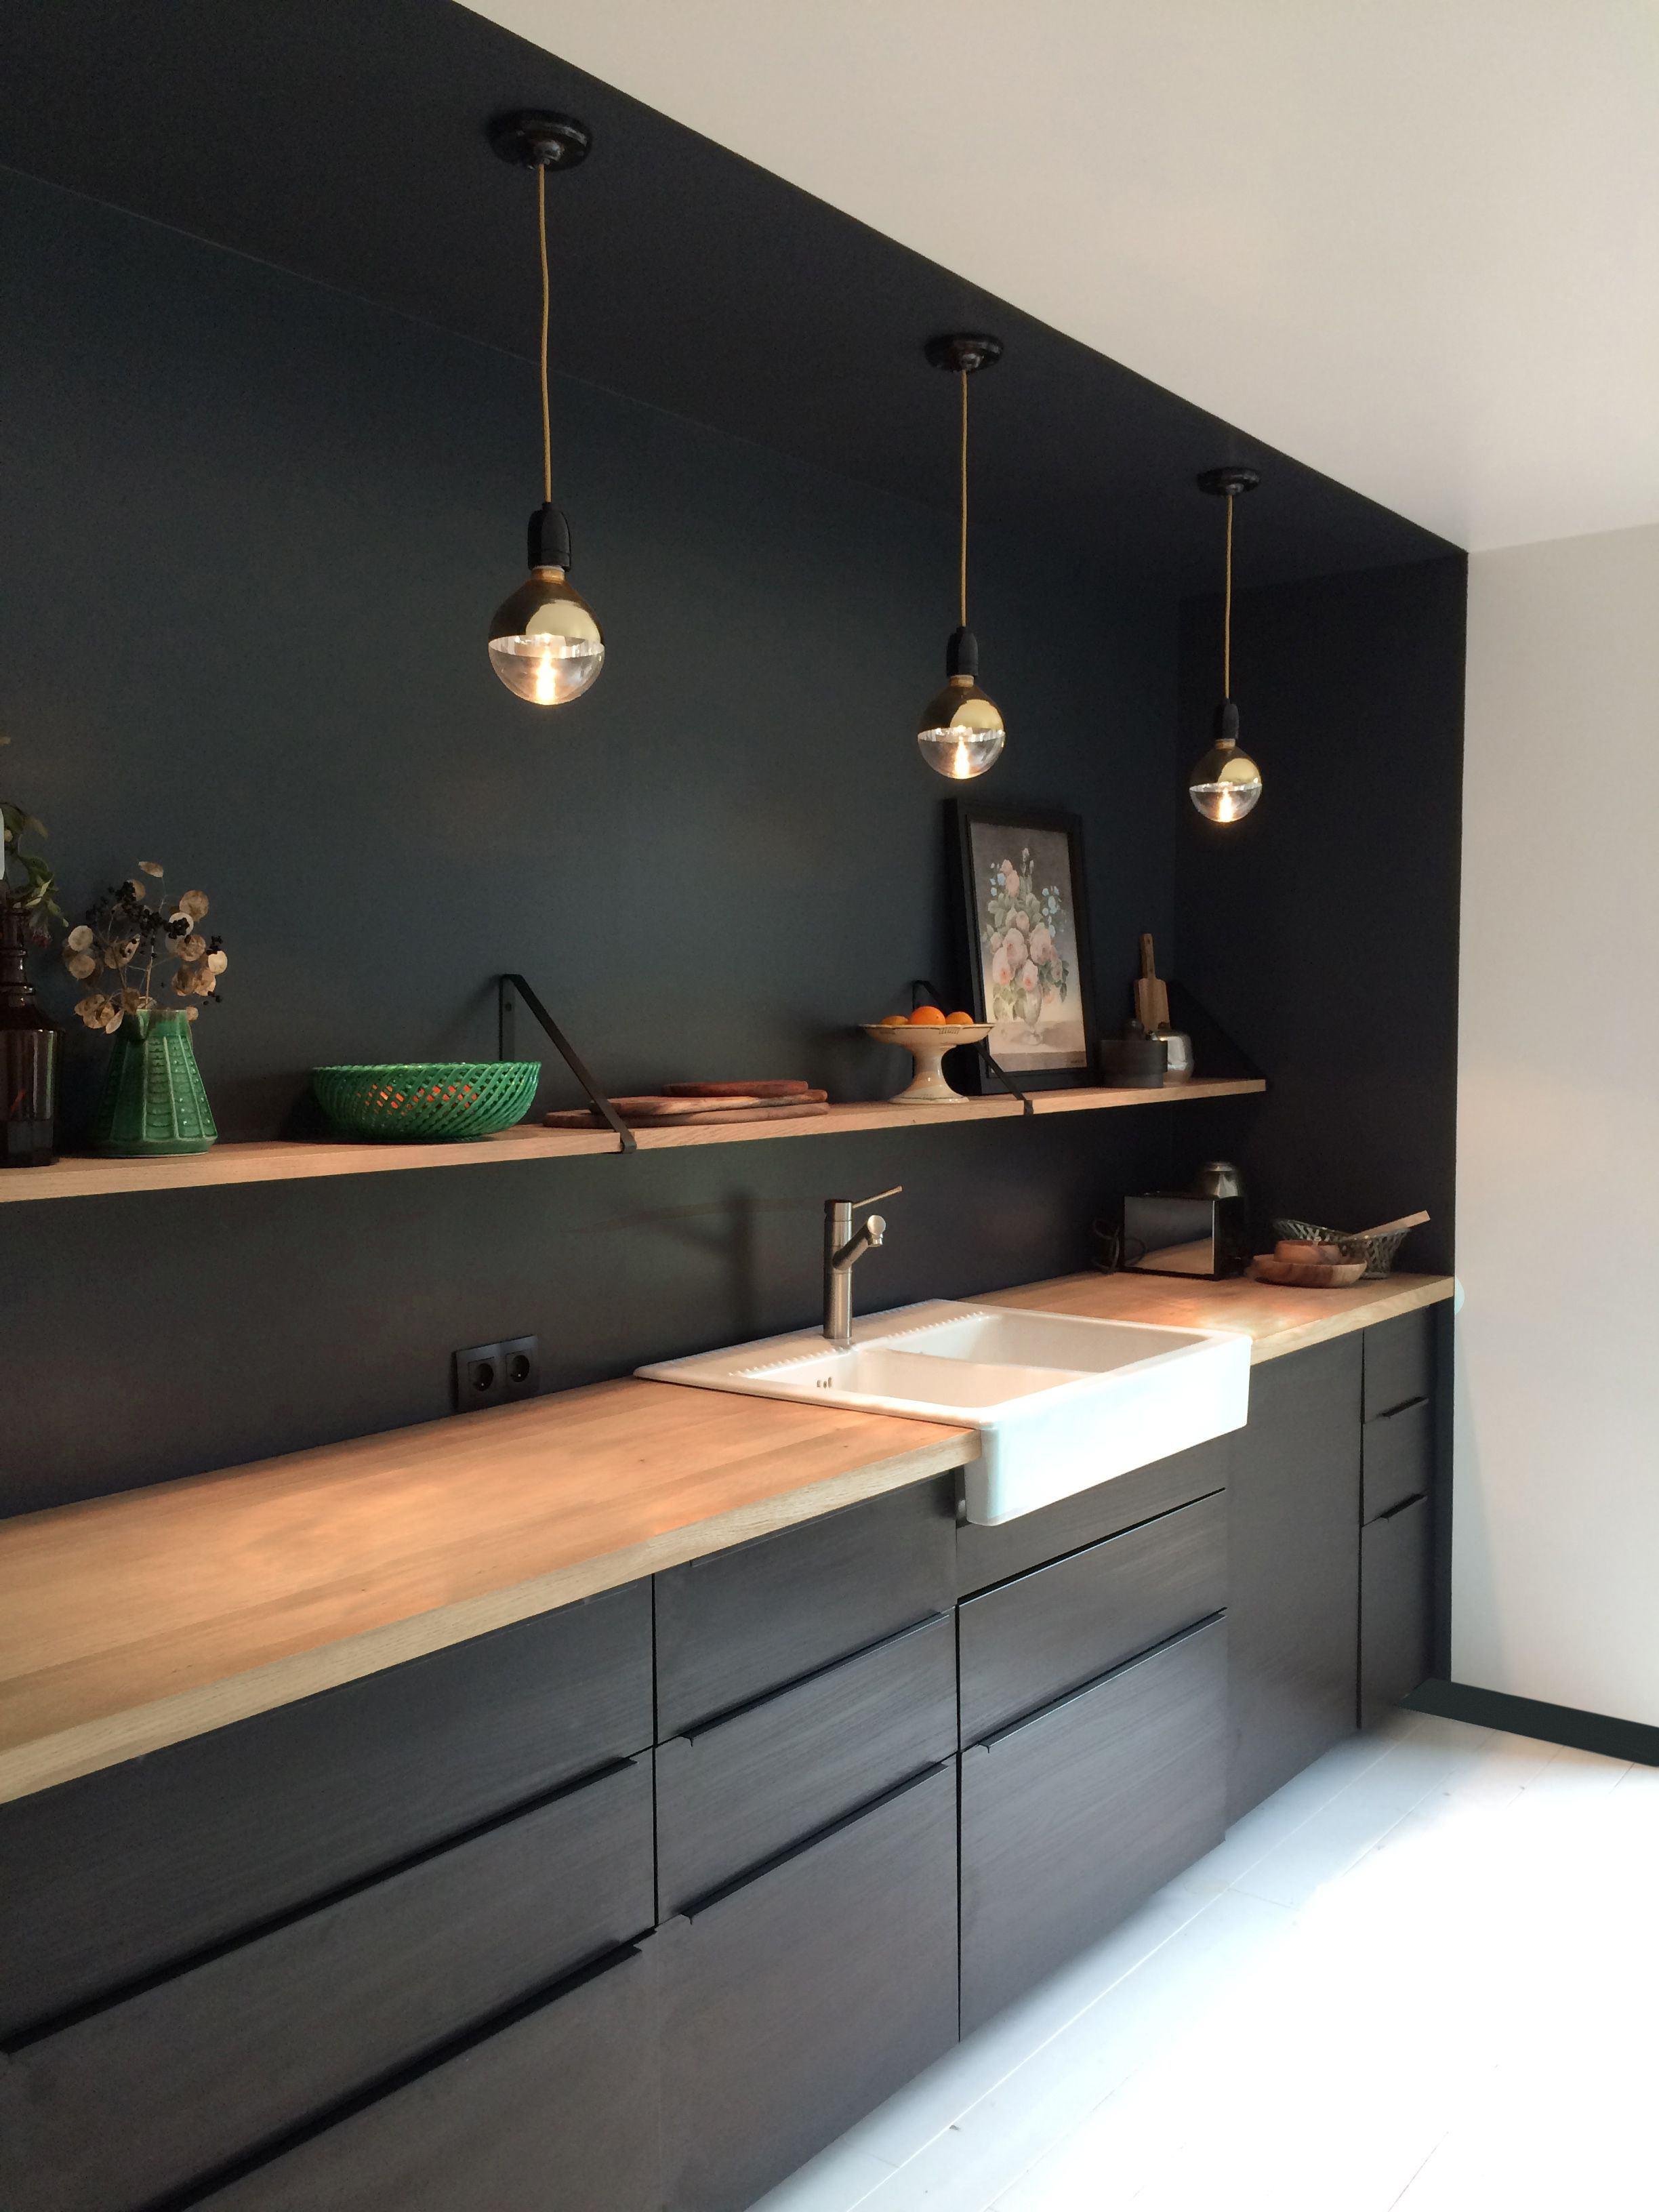 Béton Ciré Plan De Travail Cuisine Leroy Merlin Nouveau Galerie Inspirant Plan De Travail Cuisine Rustique Décor  La Maison Et